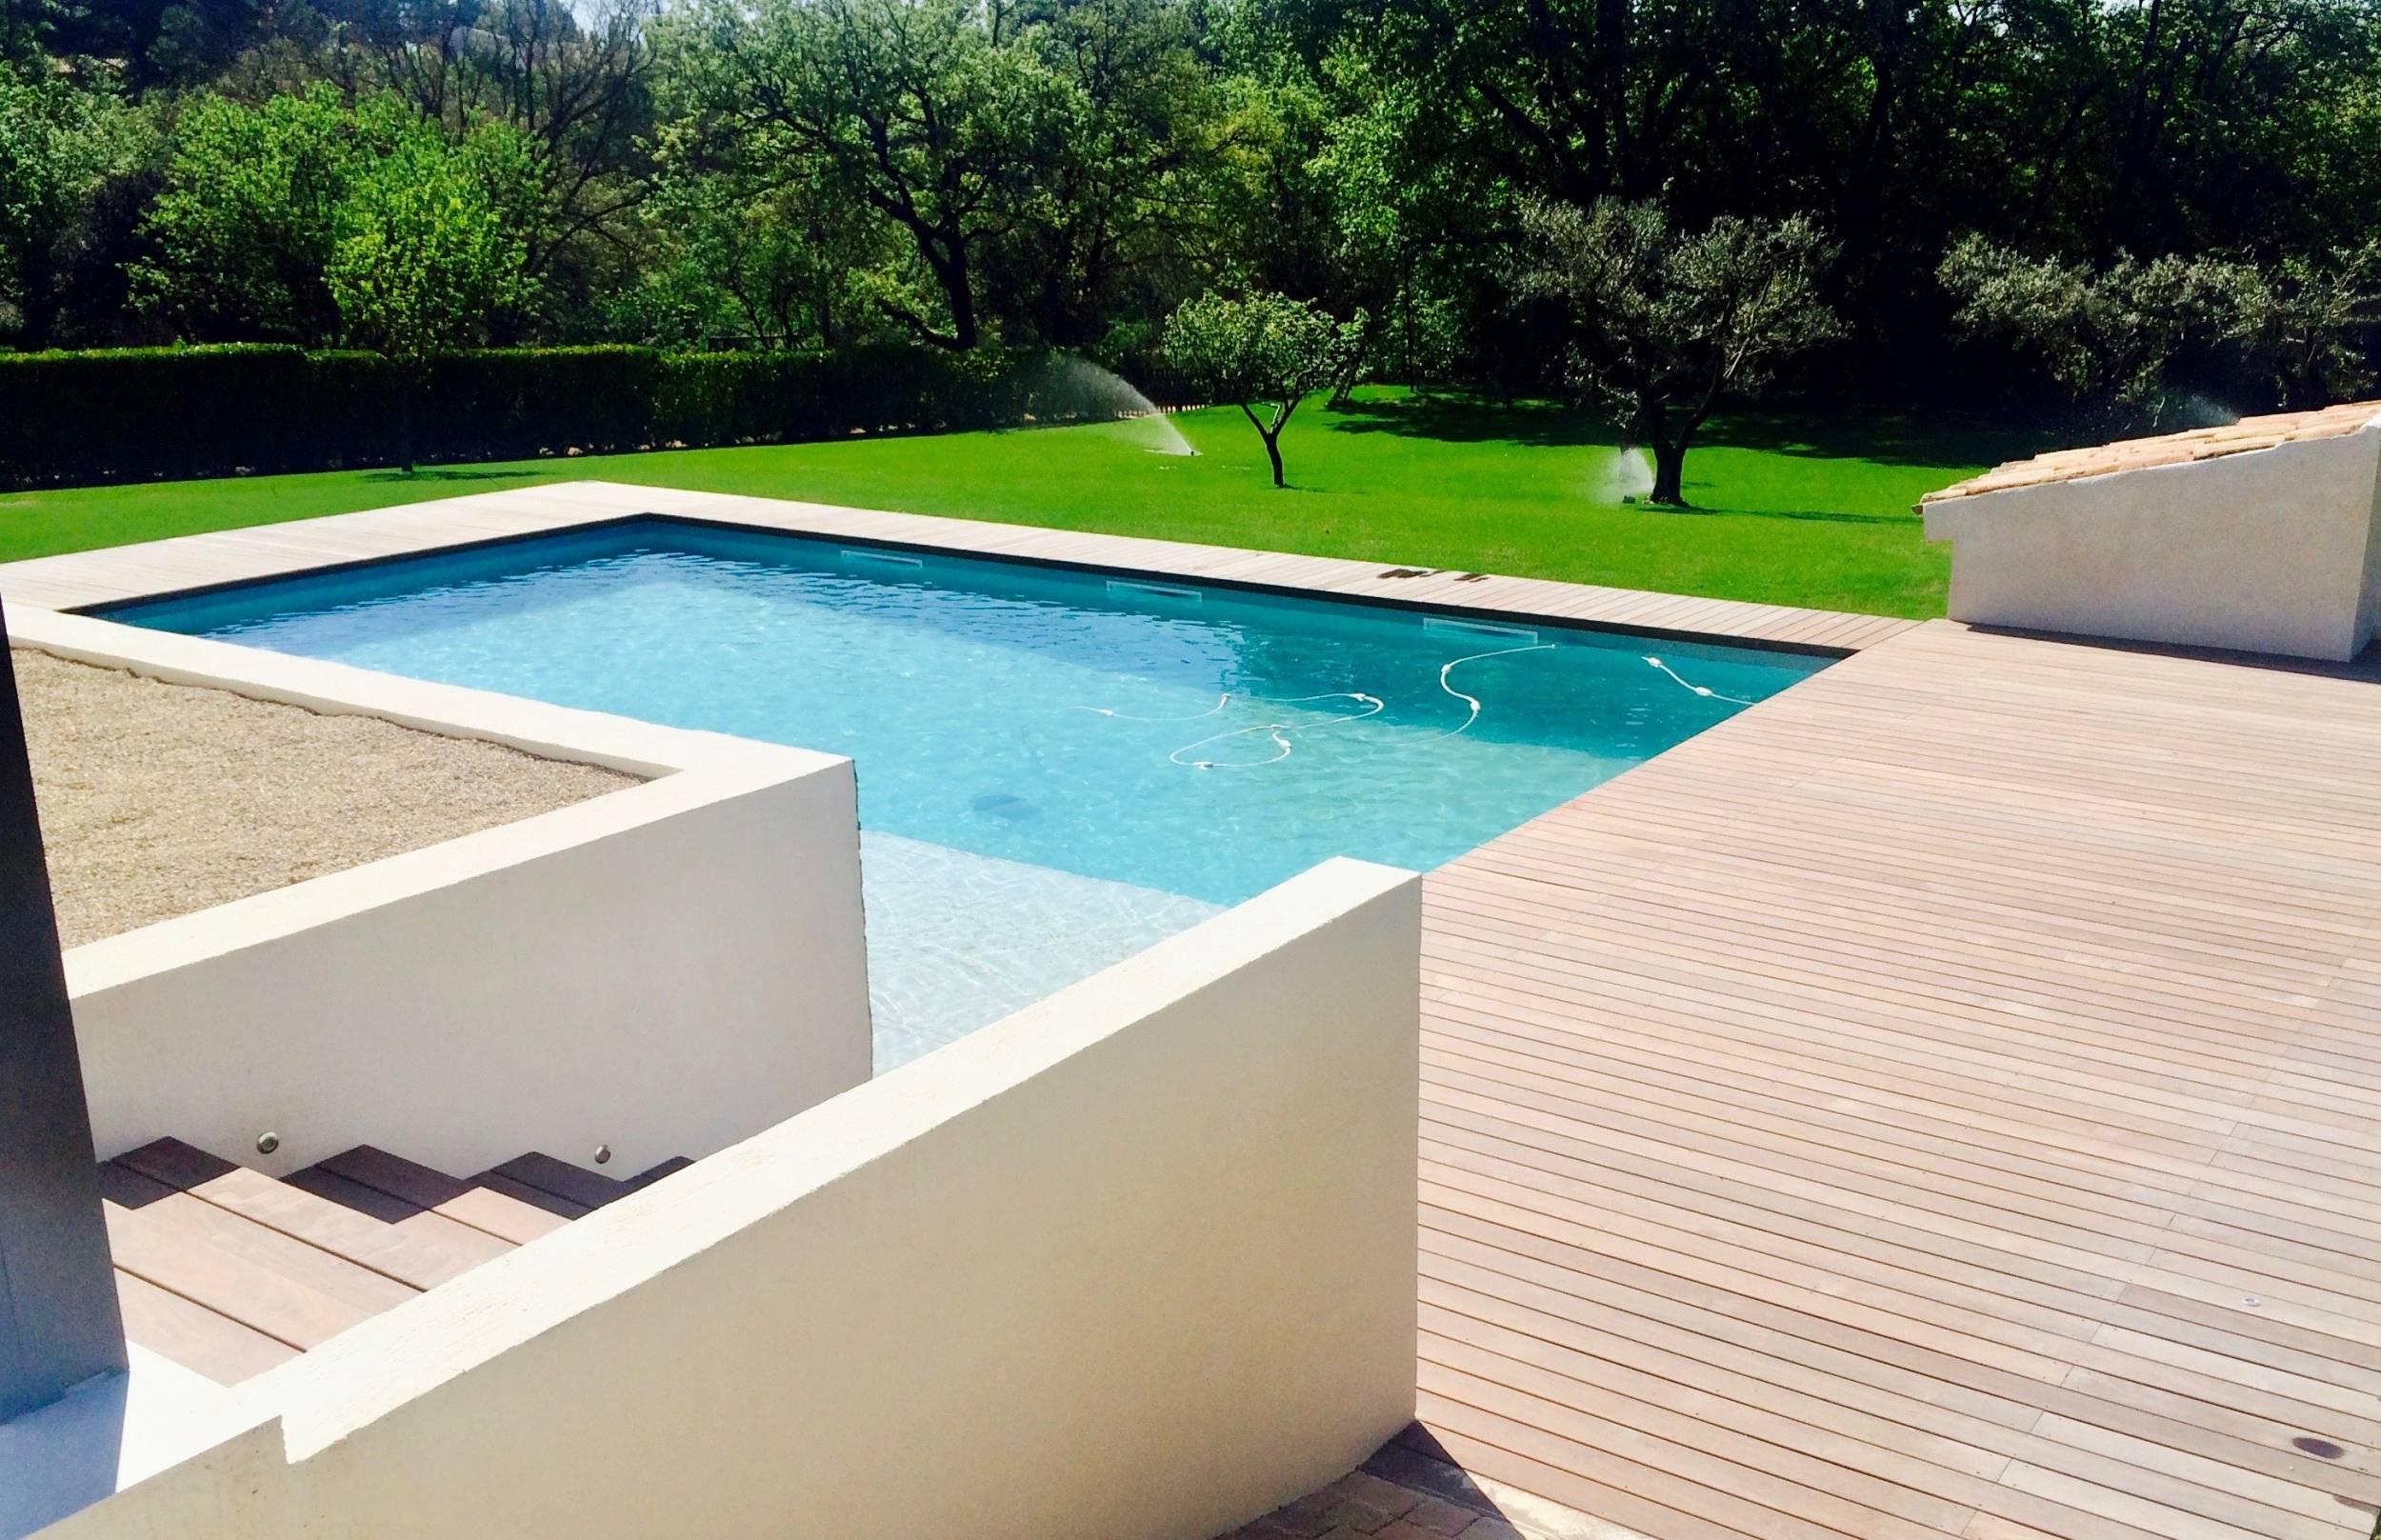 Piscine Bois Exotique - PLAGE BOIS EXOTIQUE POUR PISCINE A EGUILLES Aménagement de terrasse en boisà Aix en Provence